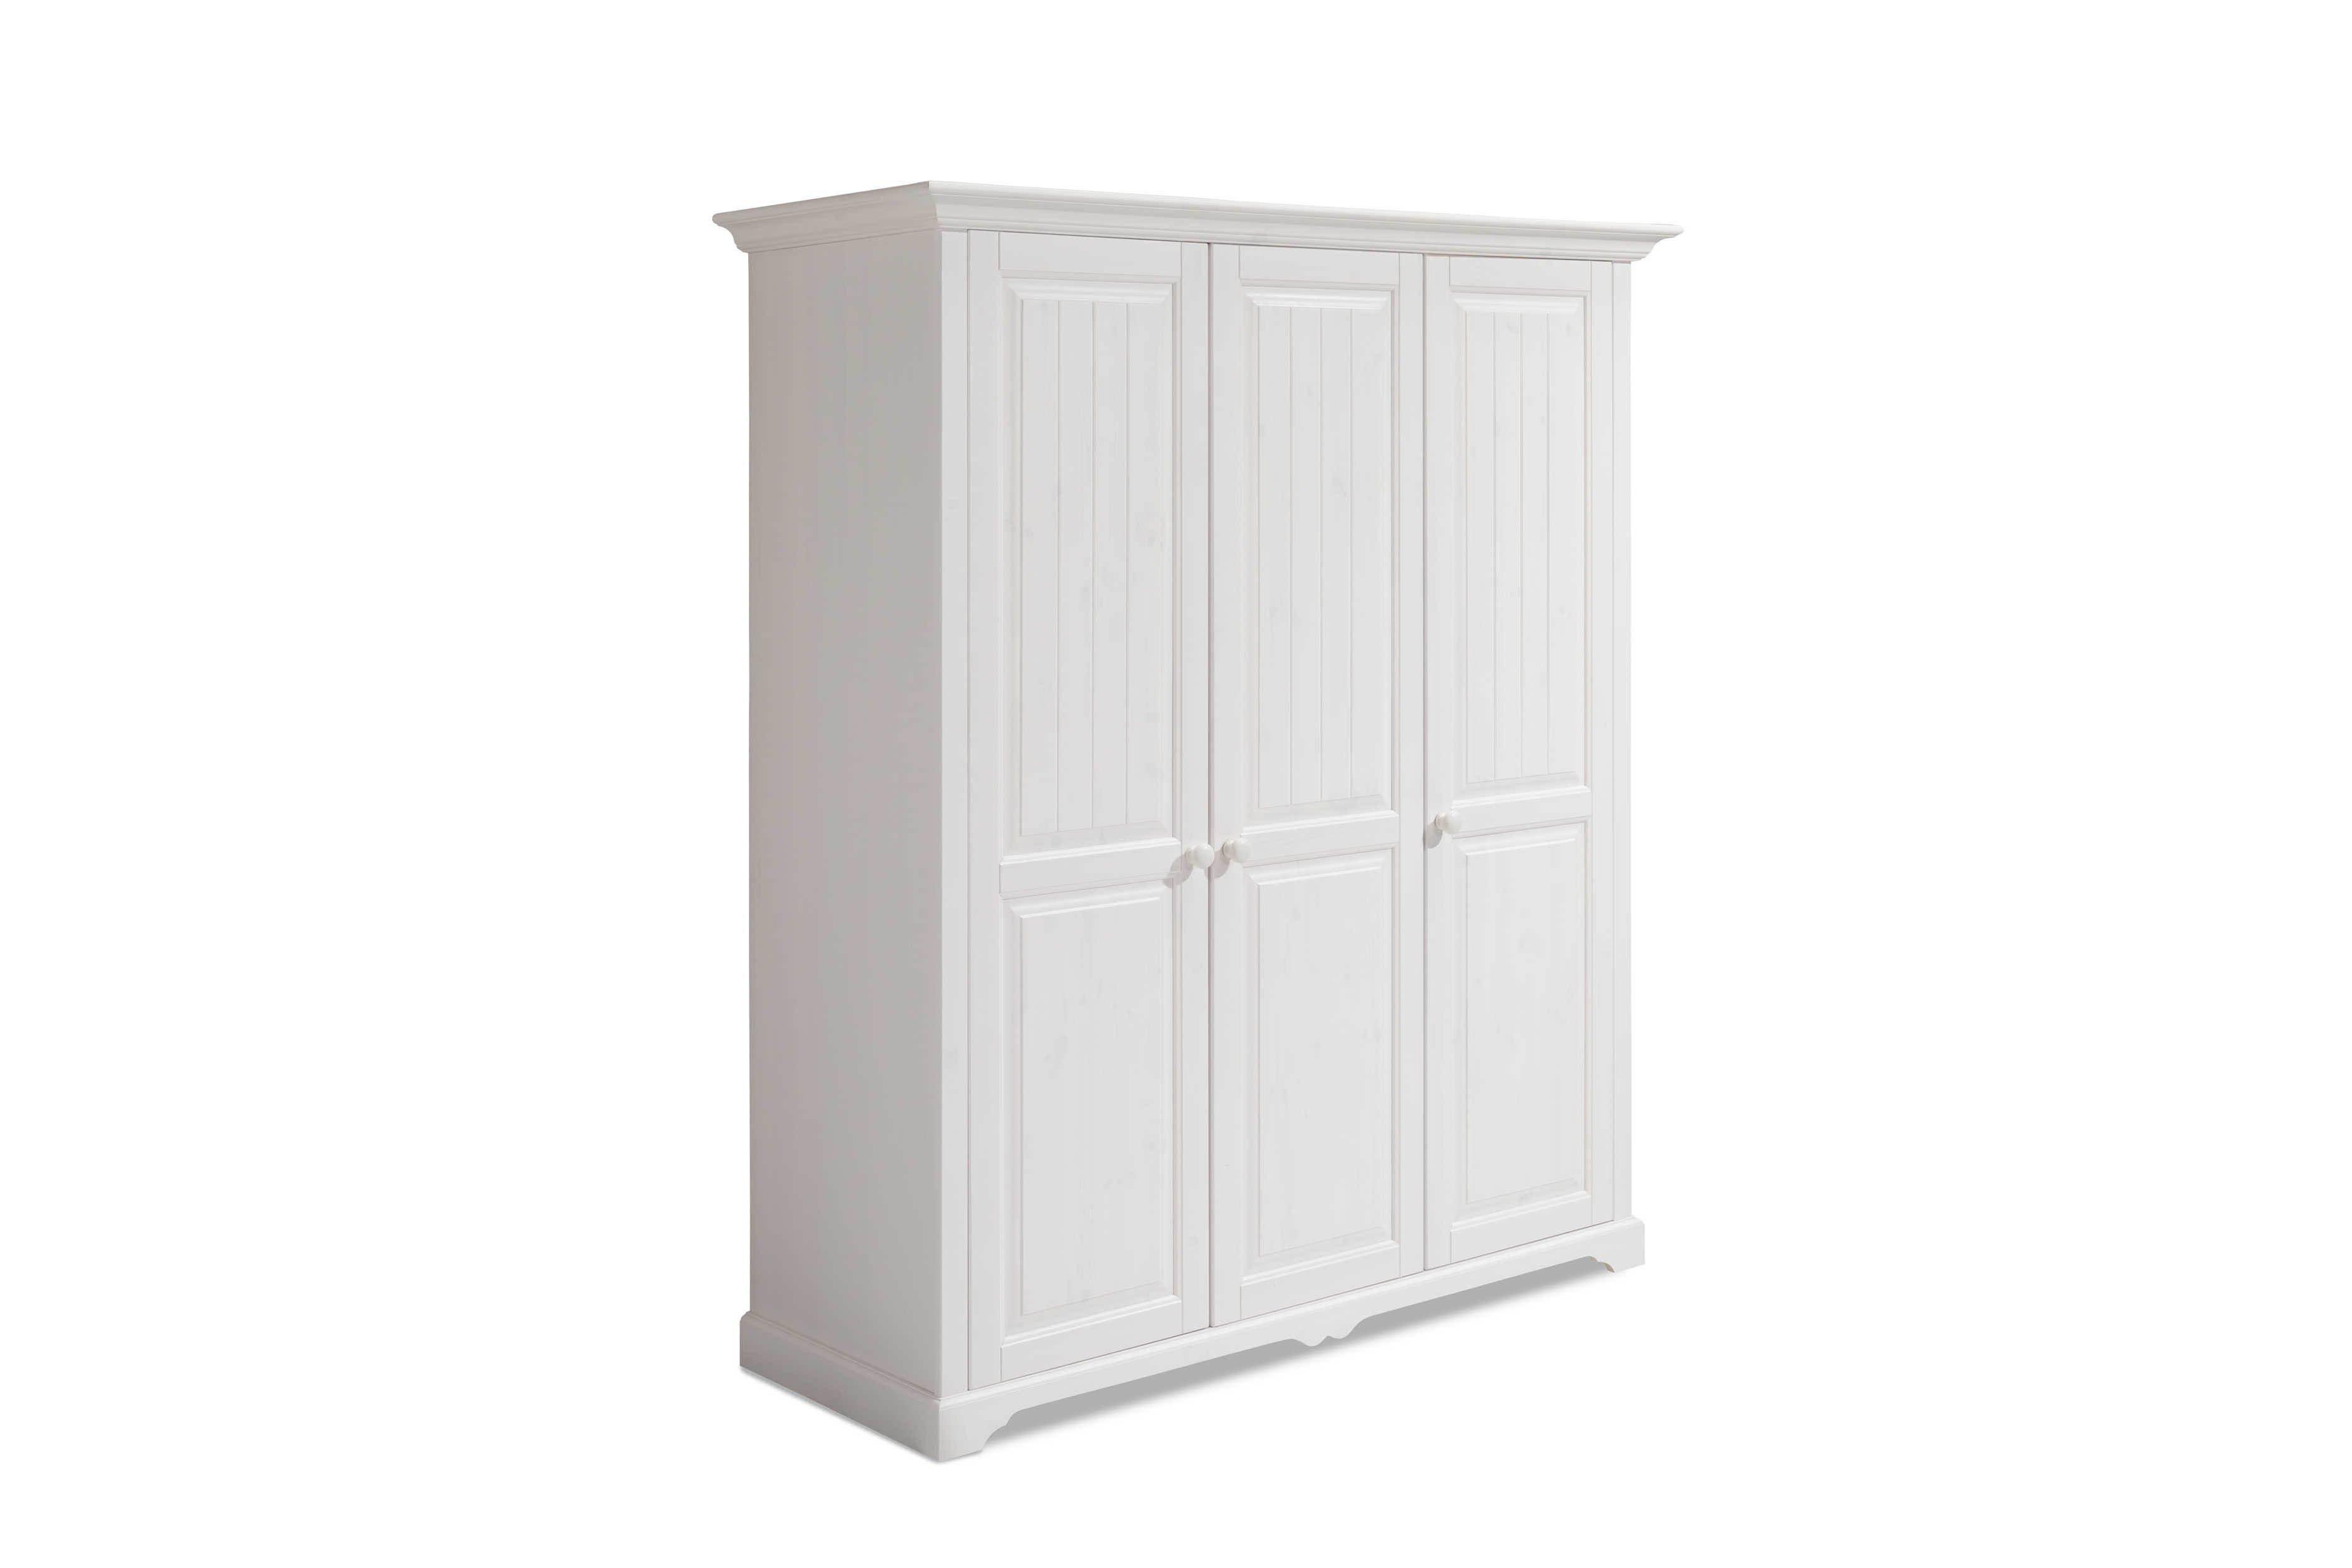 Kleiderschrank 3 Türig Weiß Holz